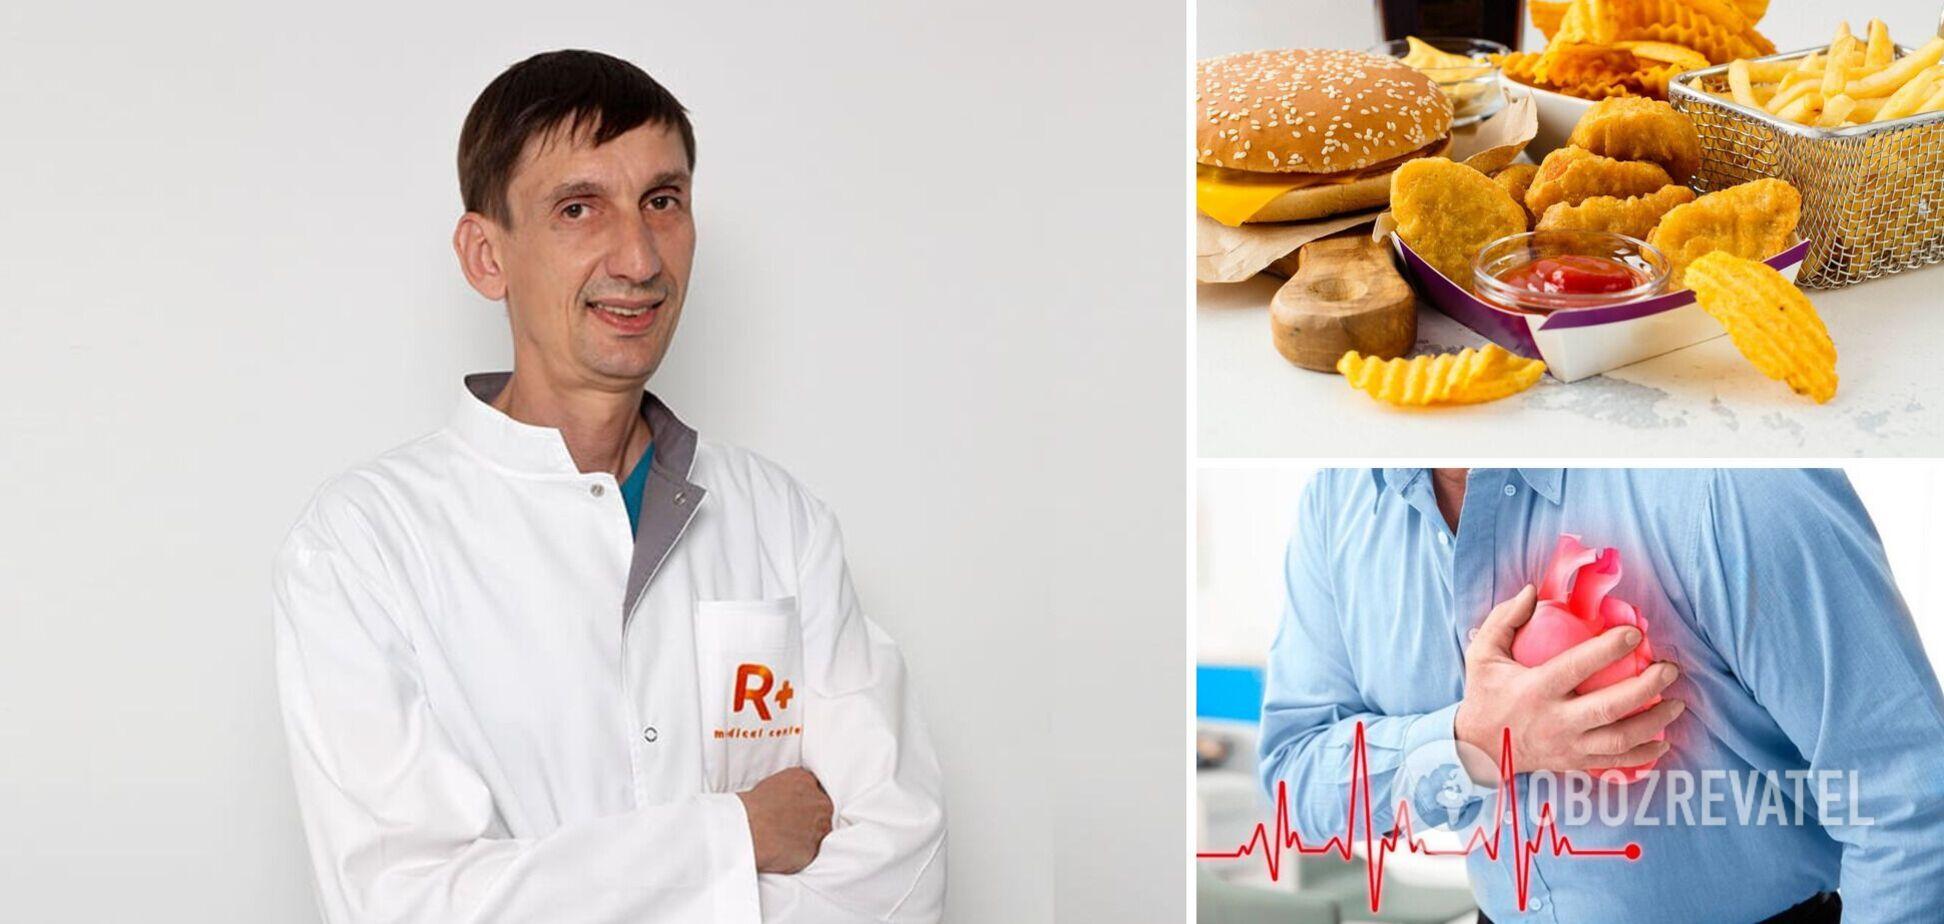 Врач раскрыл правду о самом опасном ингредиенте, которым массово кормят украинцев. Интервью